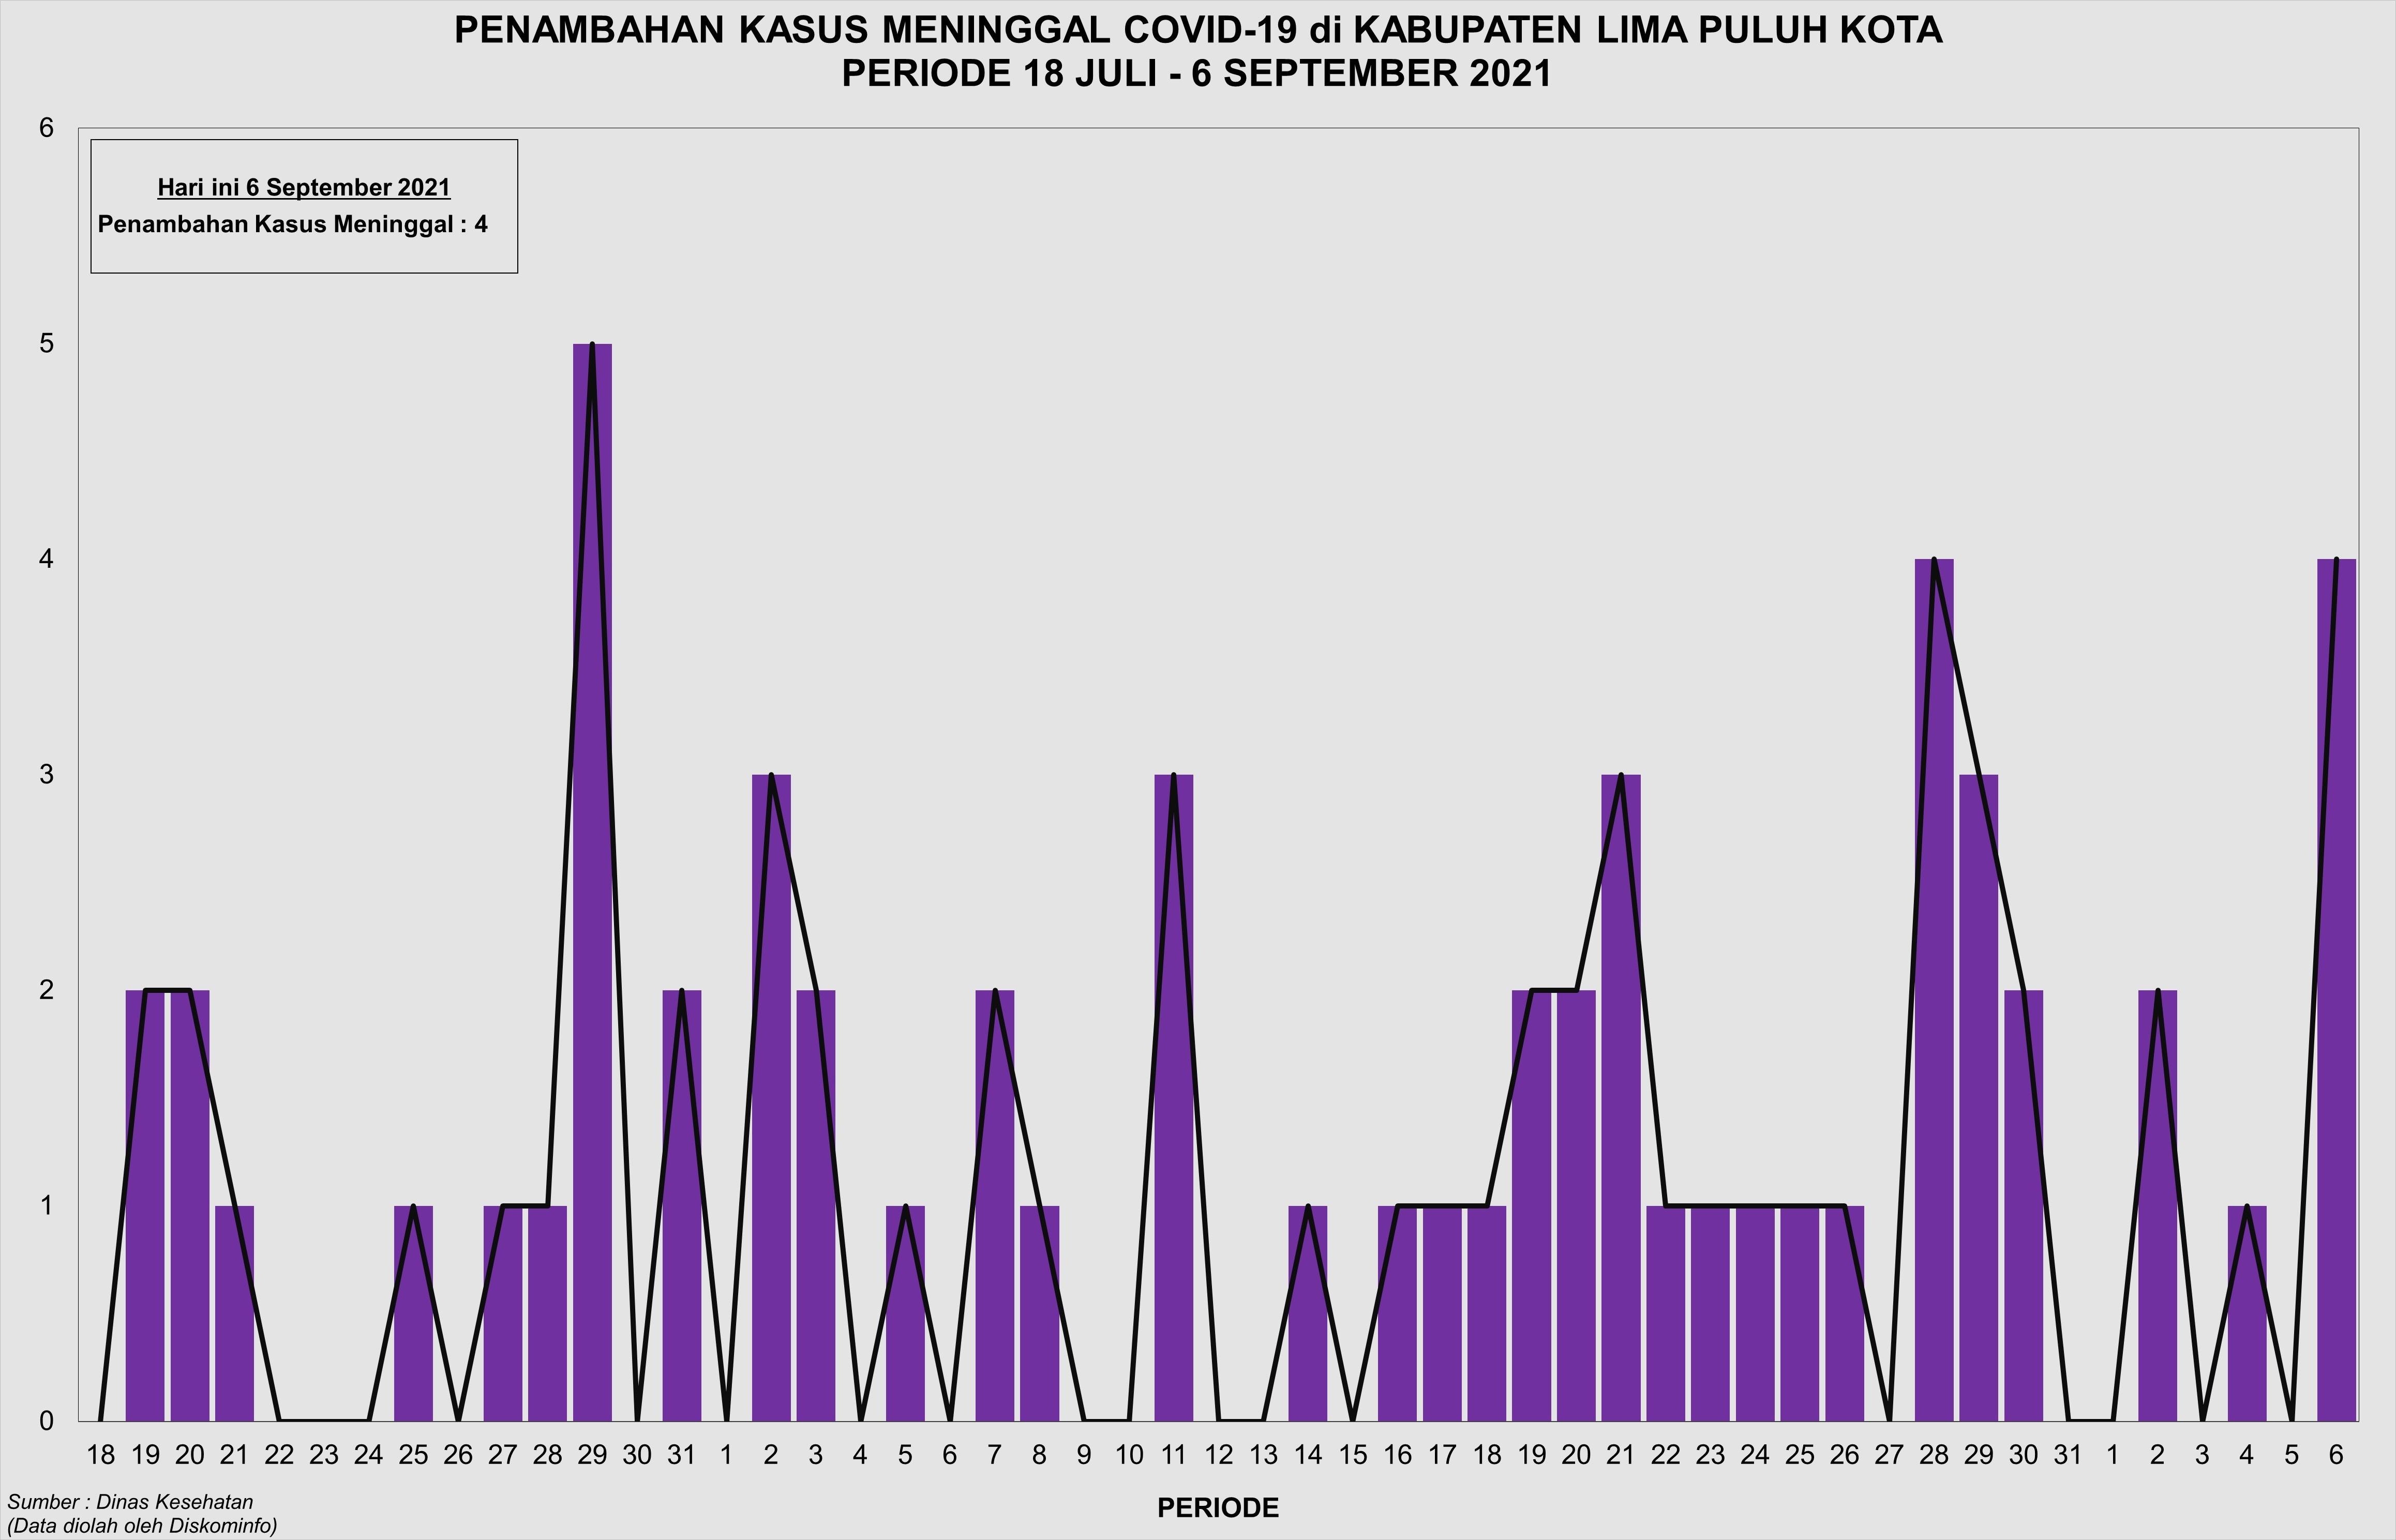 Grafik Penambahan Kasus Meninggal Karena Covid-19 di Kabupaten Lima Puluh Kota Periode 18 Juli - 6 September 2021